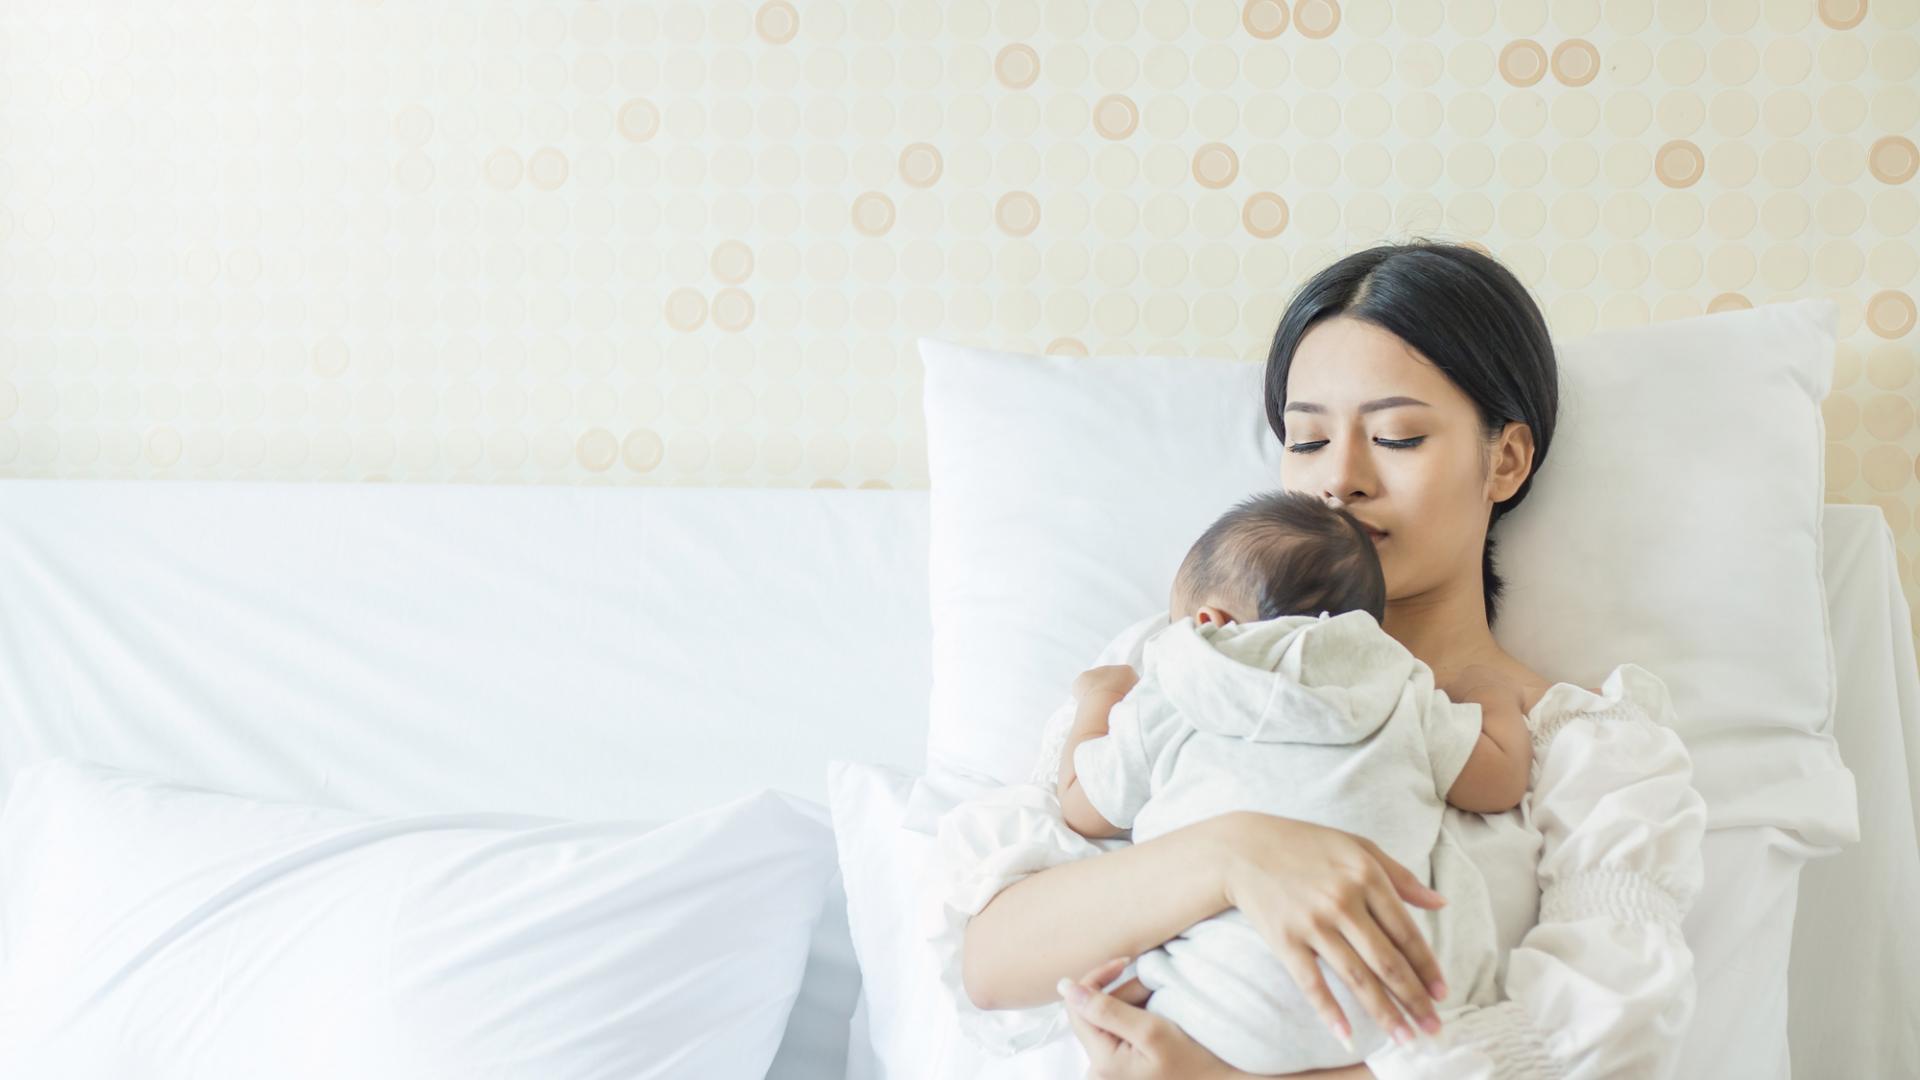 Frauen nach der Familienplanung fragen